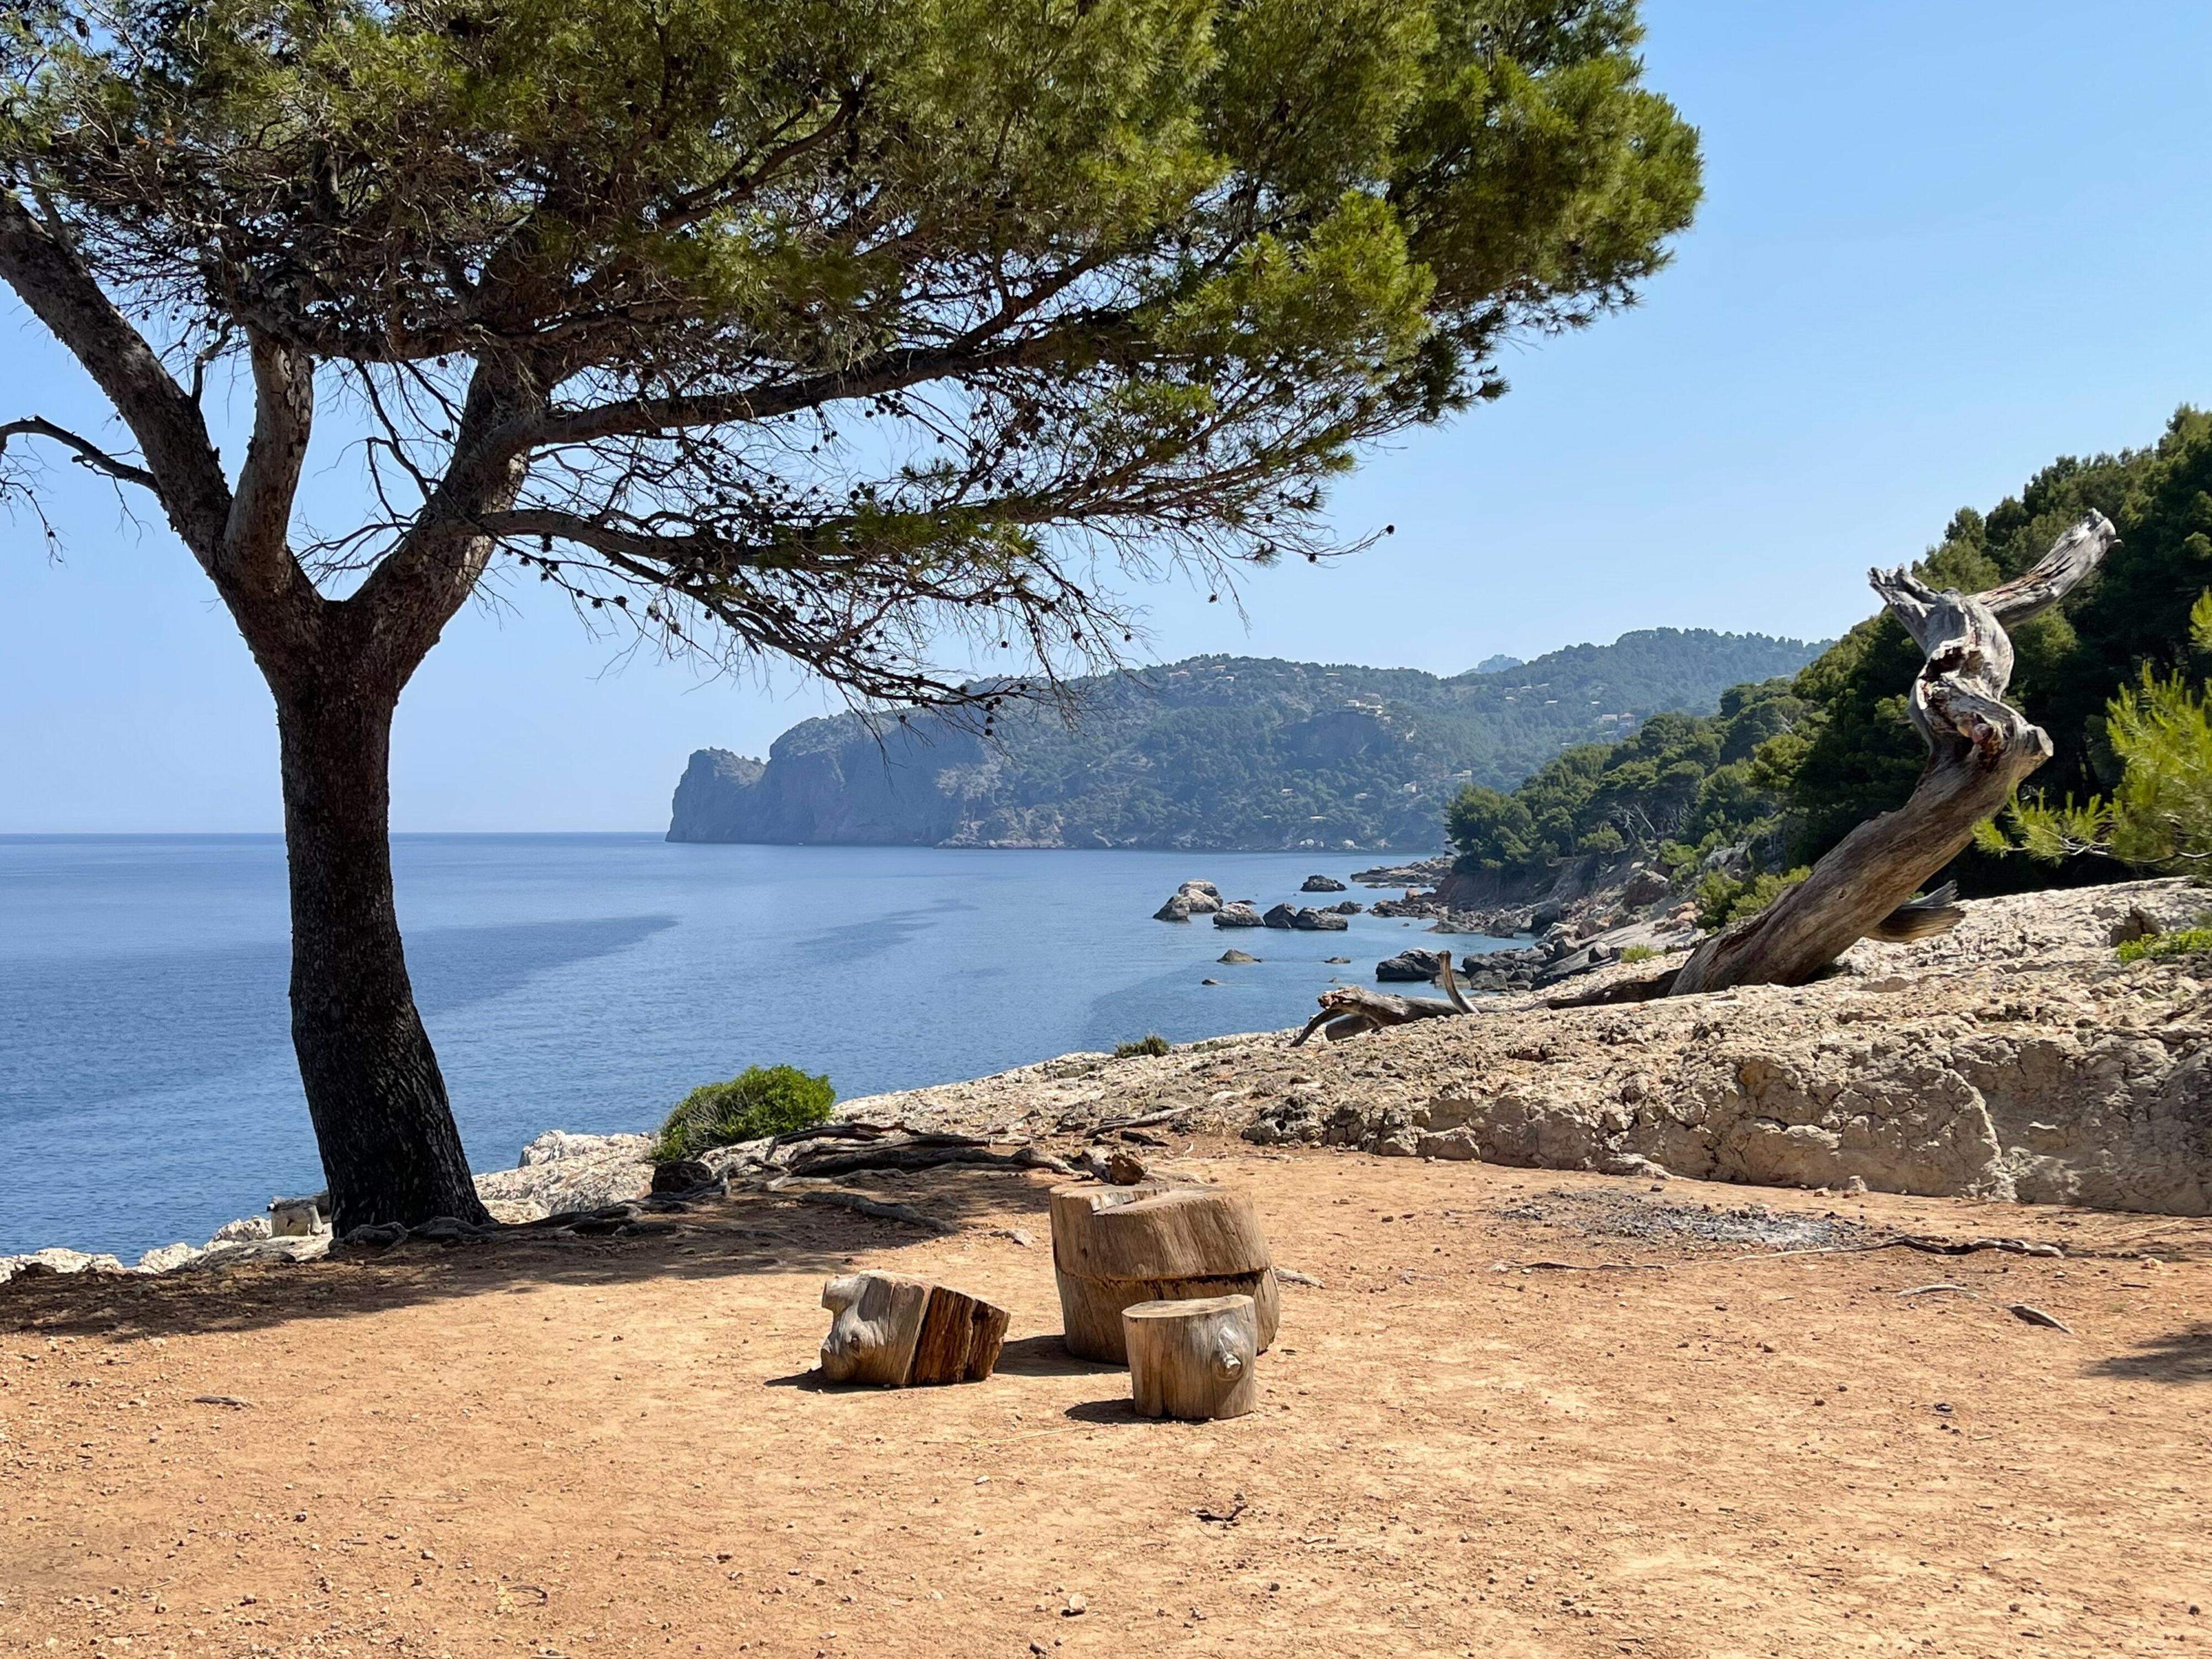 Küstenwanderung Cala de Deià-Llucalcari: eine urige Erfahrung